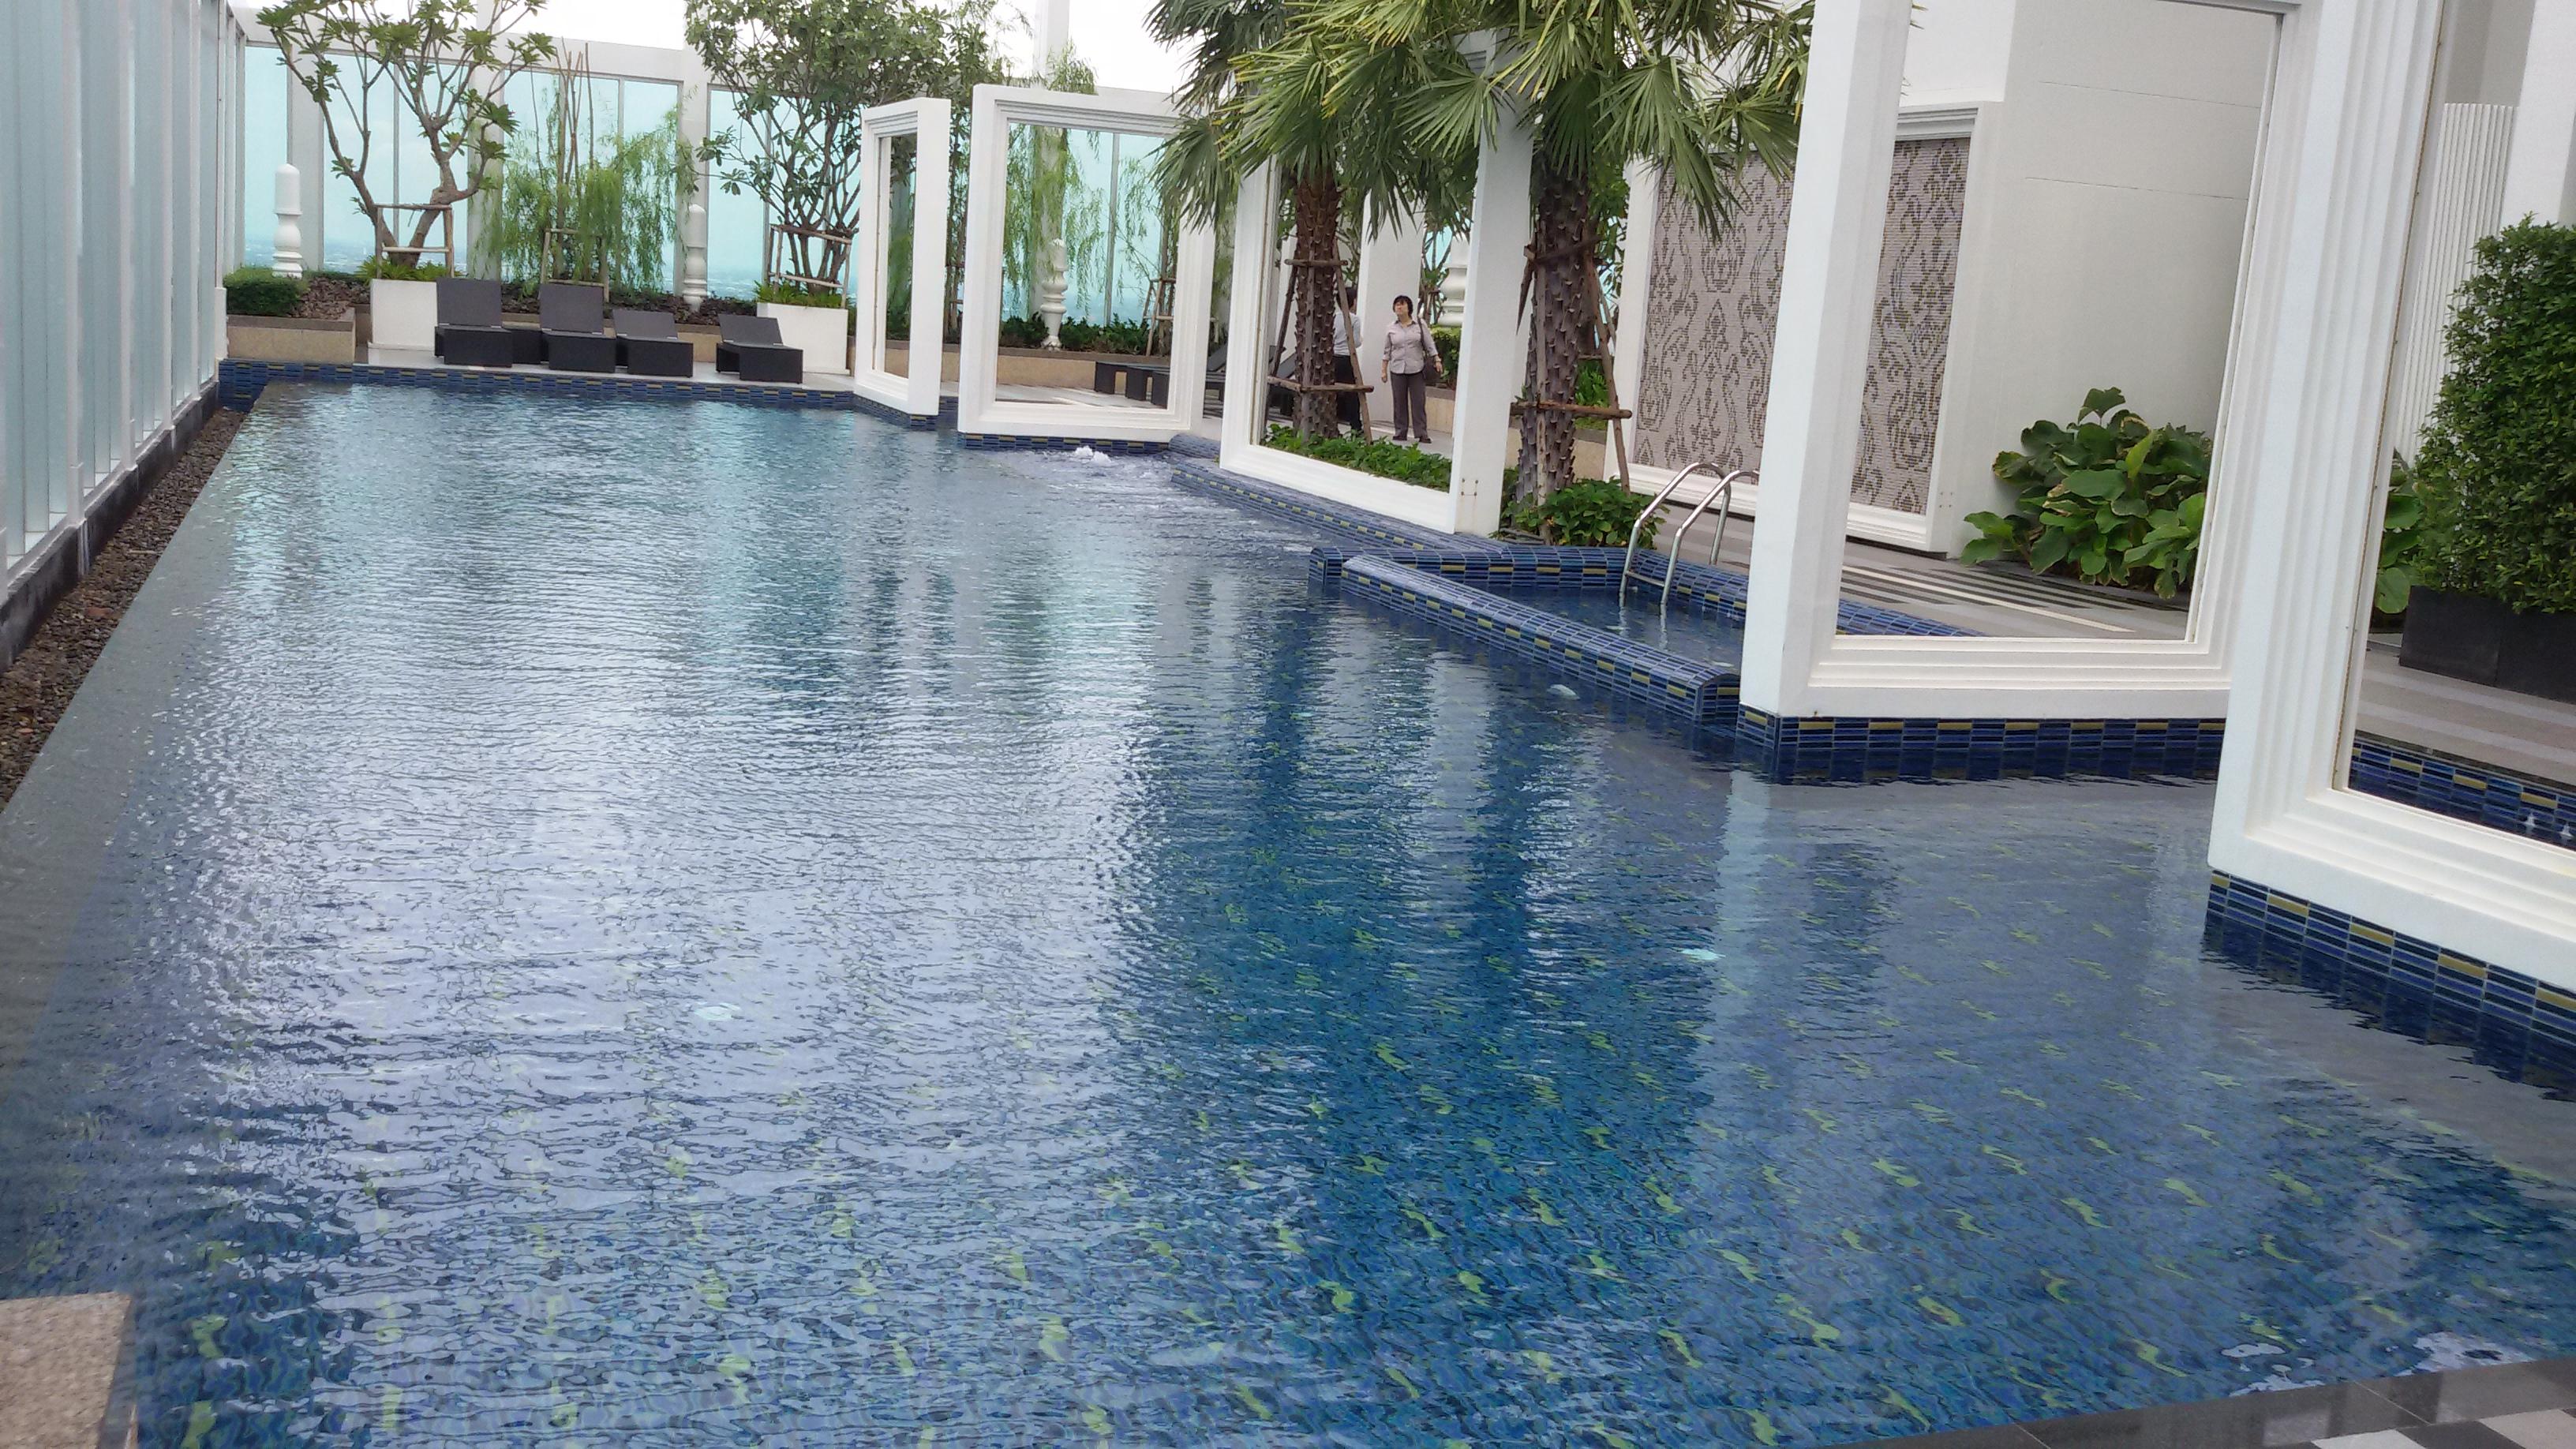 ให้เช่า คอนโด Rhythm Phahon-Ari รีธีม พหลฯ-อารีย์ (พหลโยธิน) 1 ห้องนอน ราคา 24000 ต่อเดือน